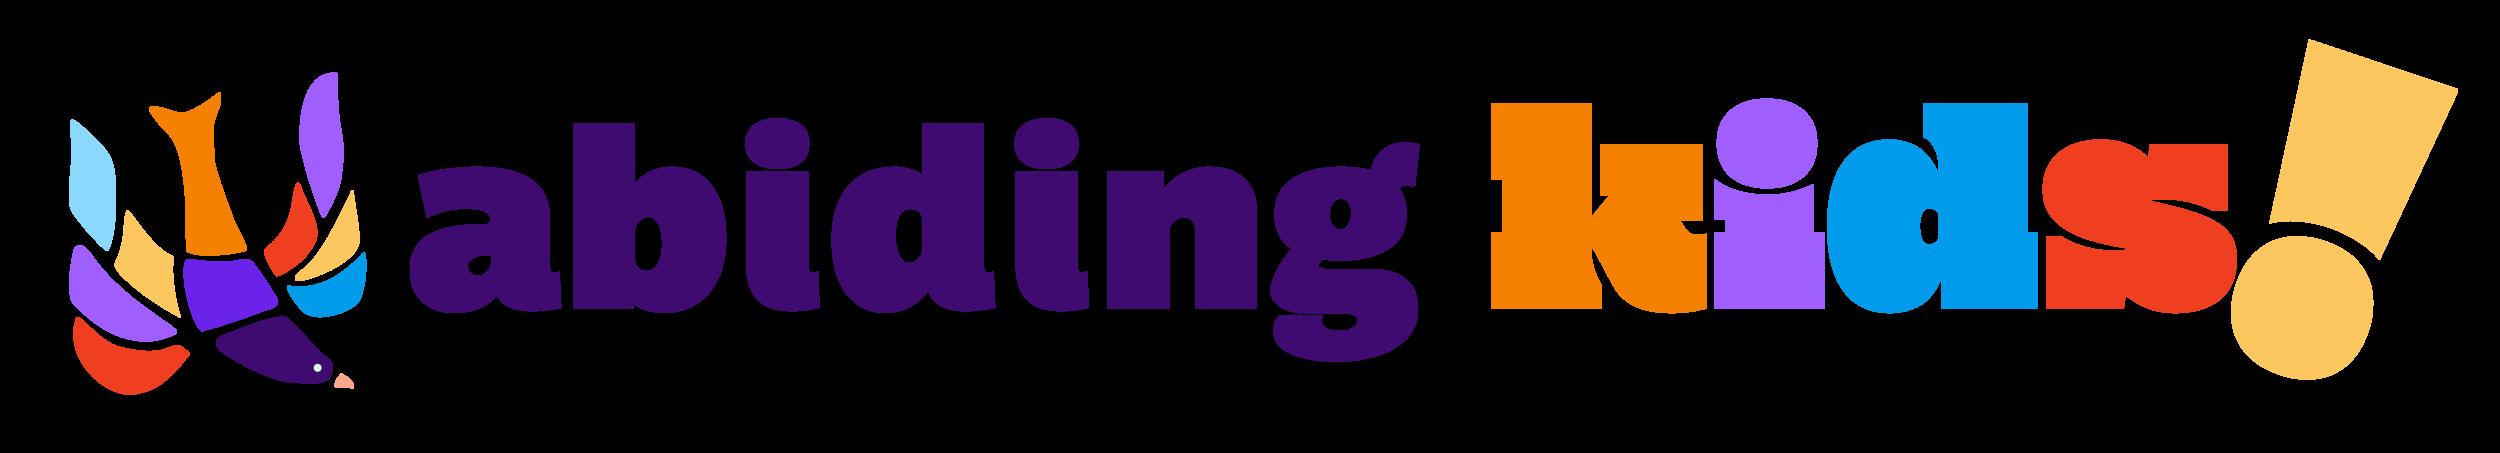 Abiding Kids logo v2 large (transparent background).png